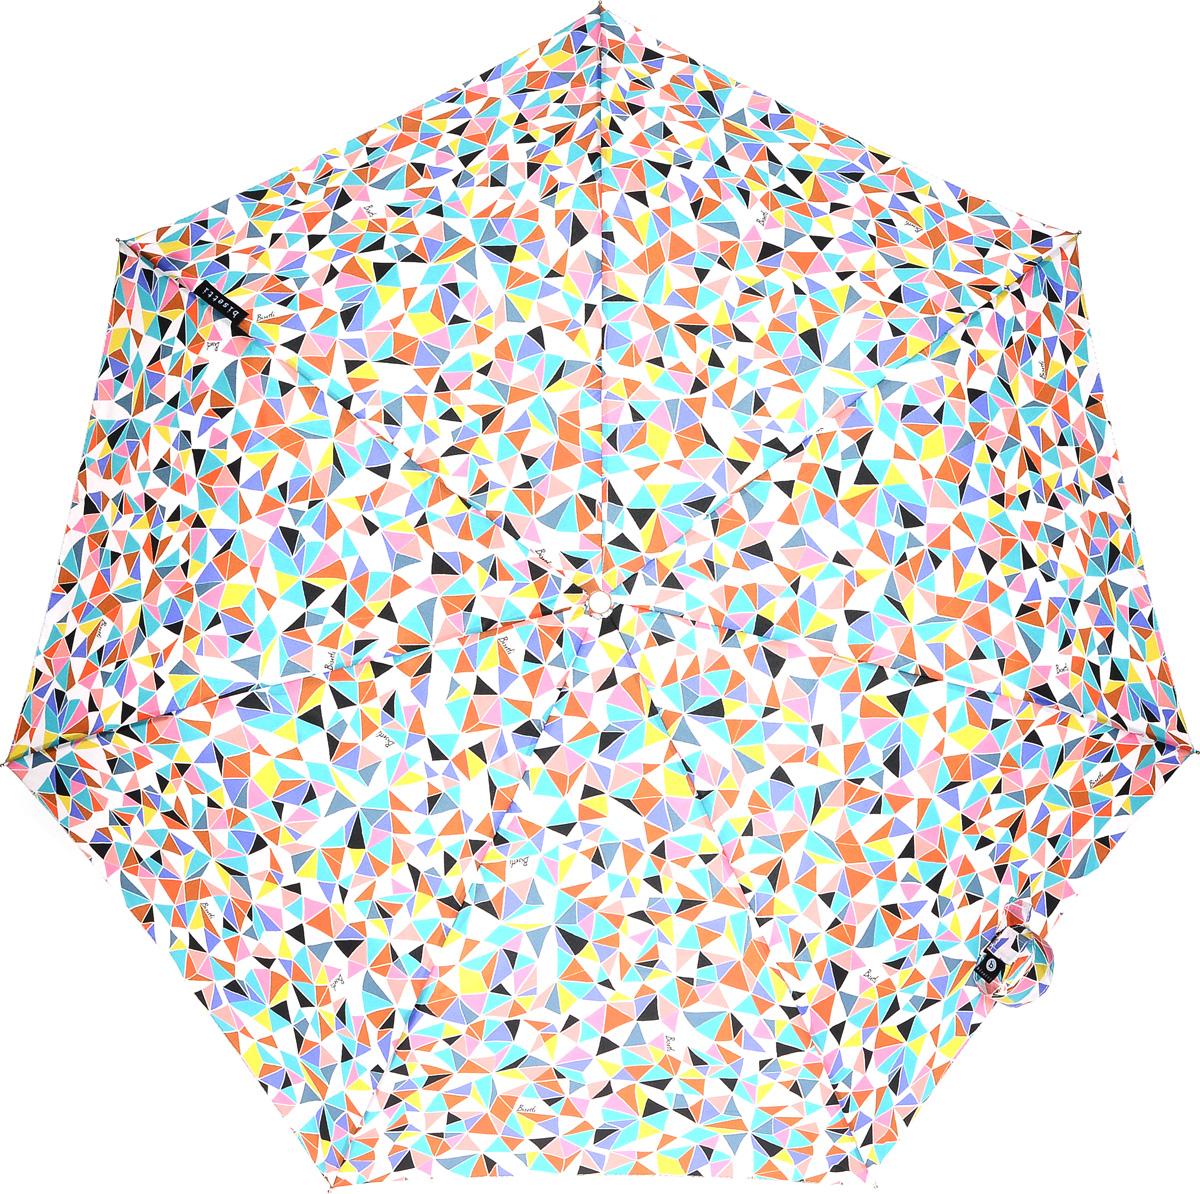 Bisetti 35165-3 Зонт полный автом. 3 сл. жен.П250070003-9Зонт испанского производителя Clima. В производстве зонтов используются современные материалы, что делает зонты легкими, но в то же время крепкими.Полный автомат, 3 сложения, 8 спиц по 54см, полиэстер.